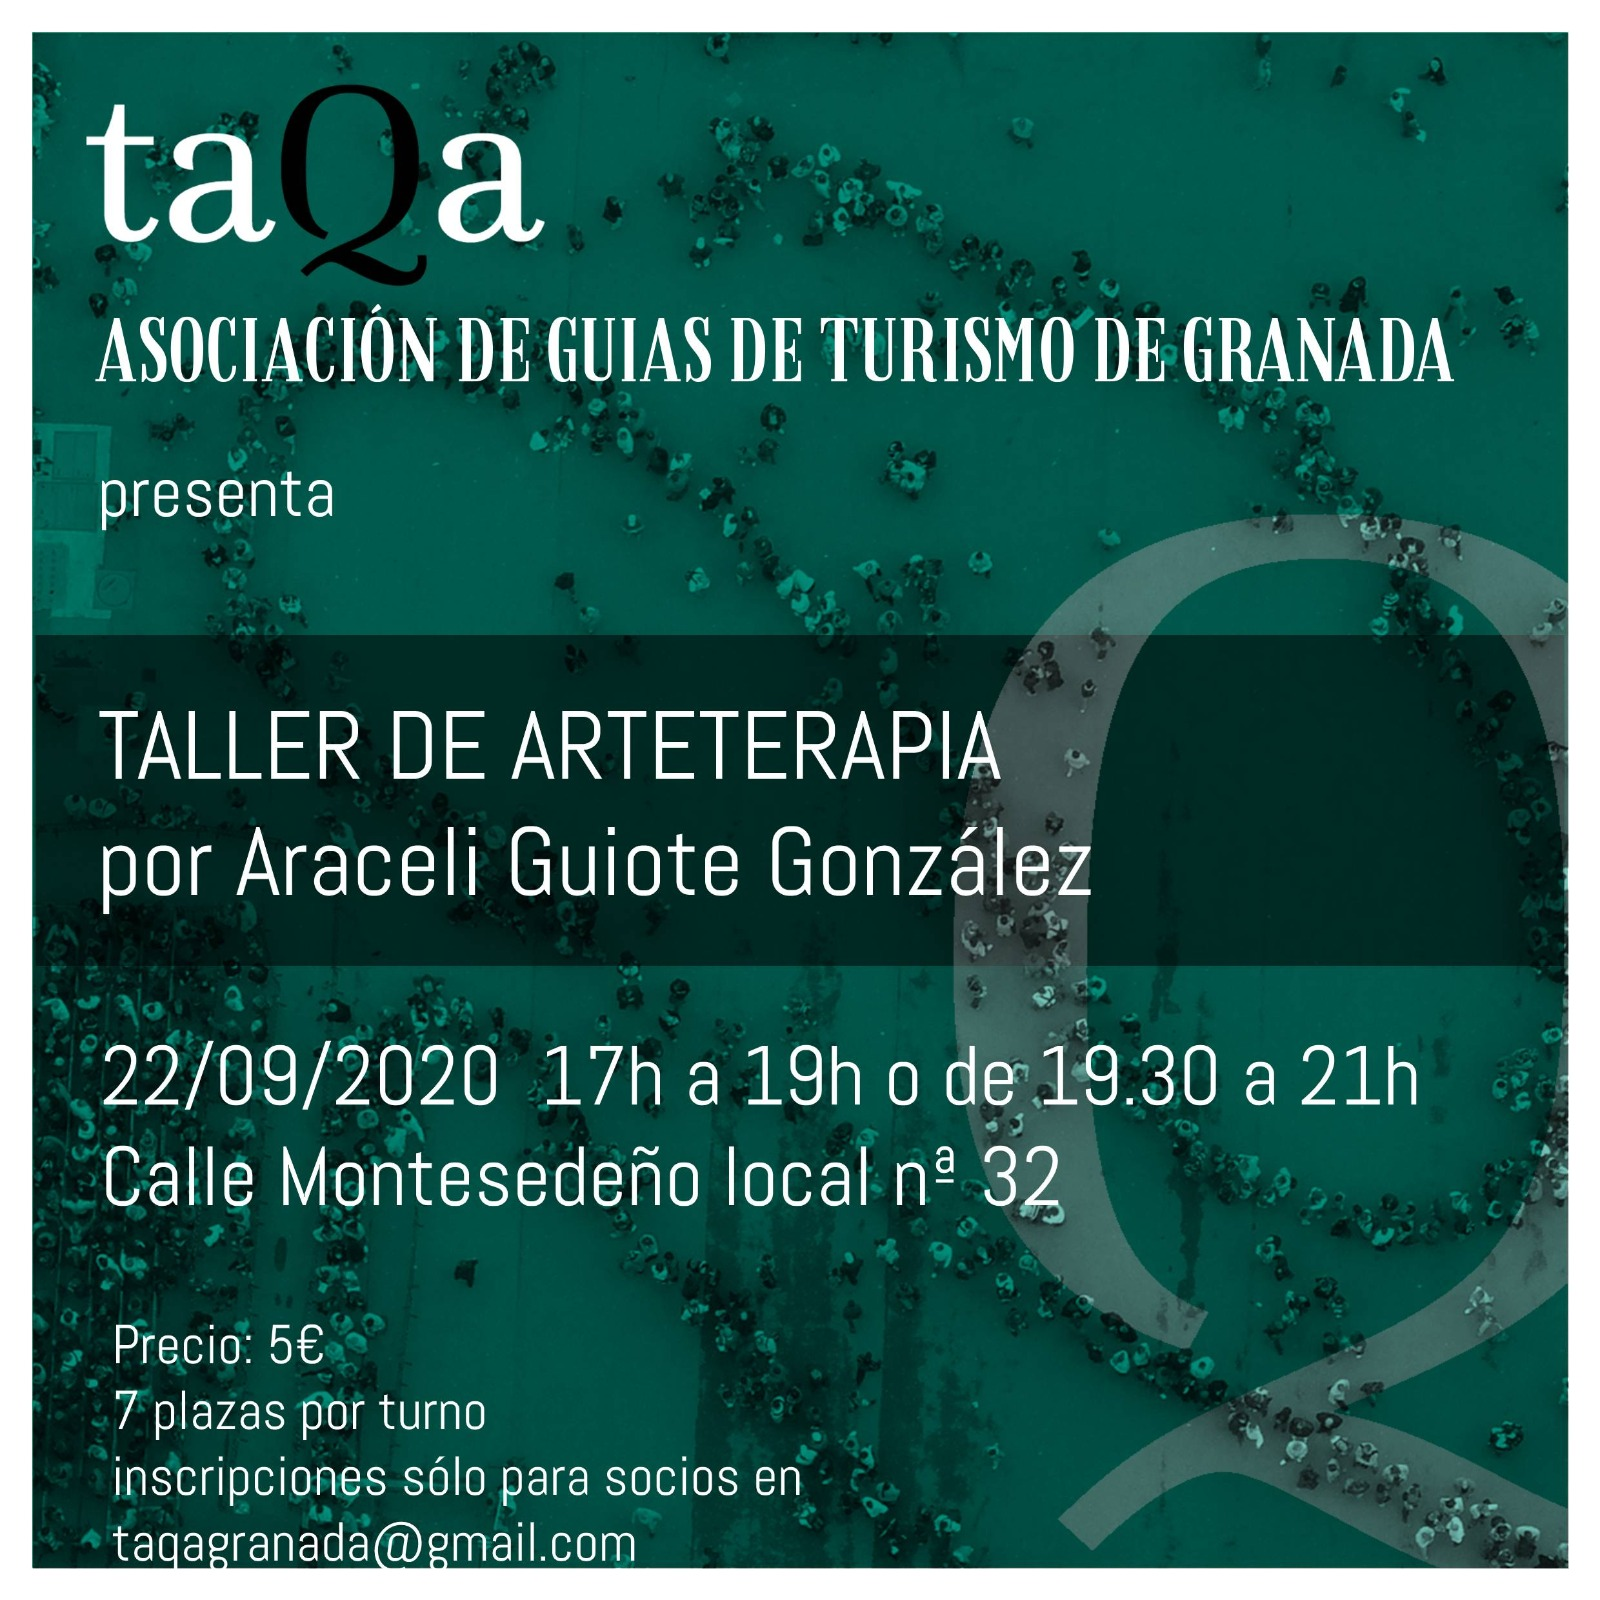 ARTETERAPIA Y TAQA (ASOCIACIÓN DE GUÍAS DE TURISMO DE GRANADA)